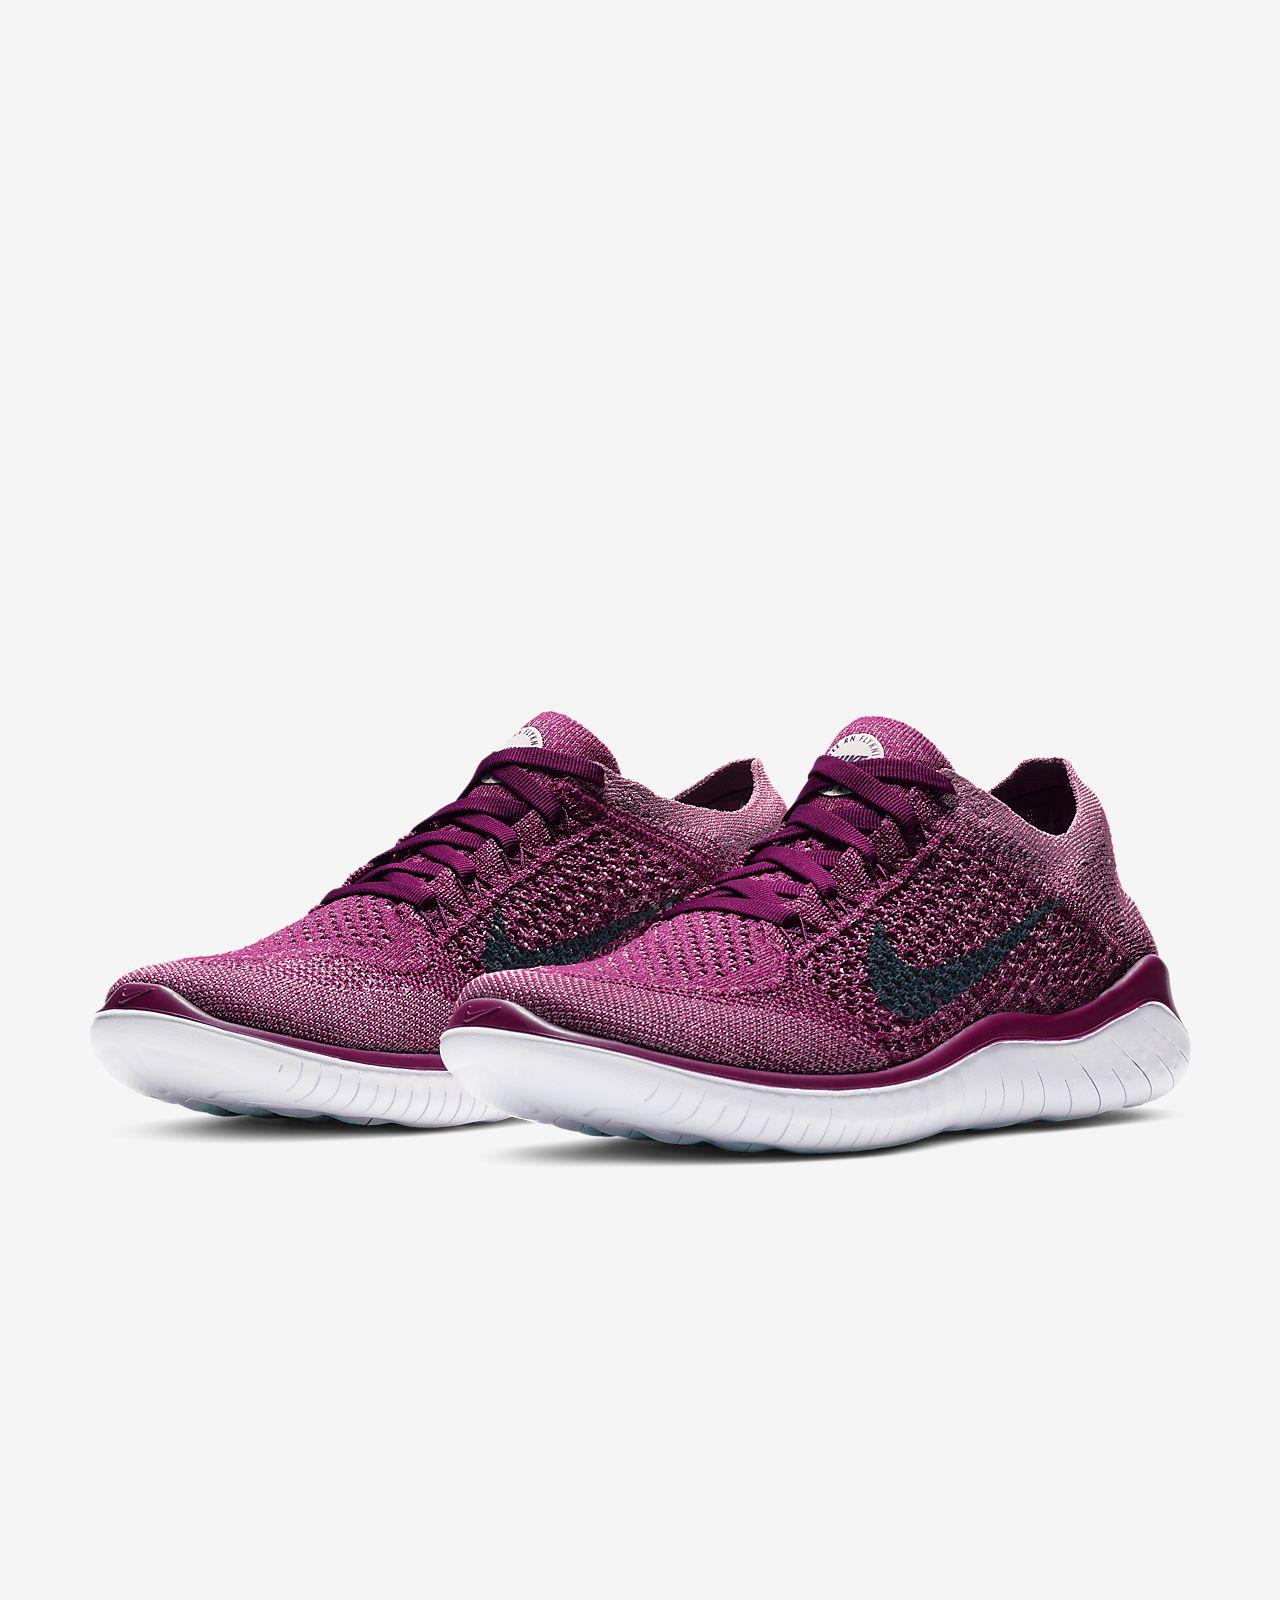 8deb88c659b23 Nike Free RN Flyknit 2018 Women s Running Shoe. Nike.com SG